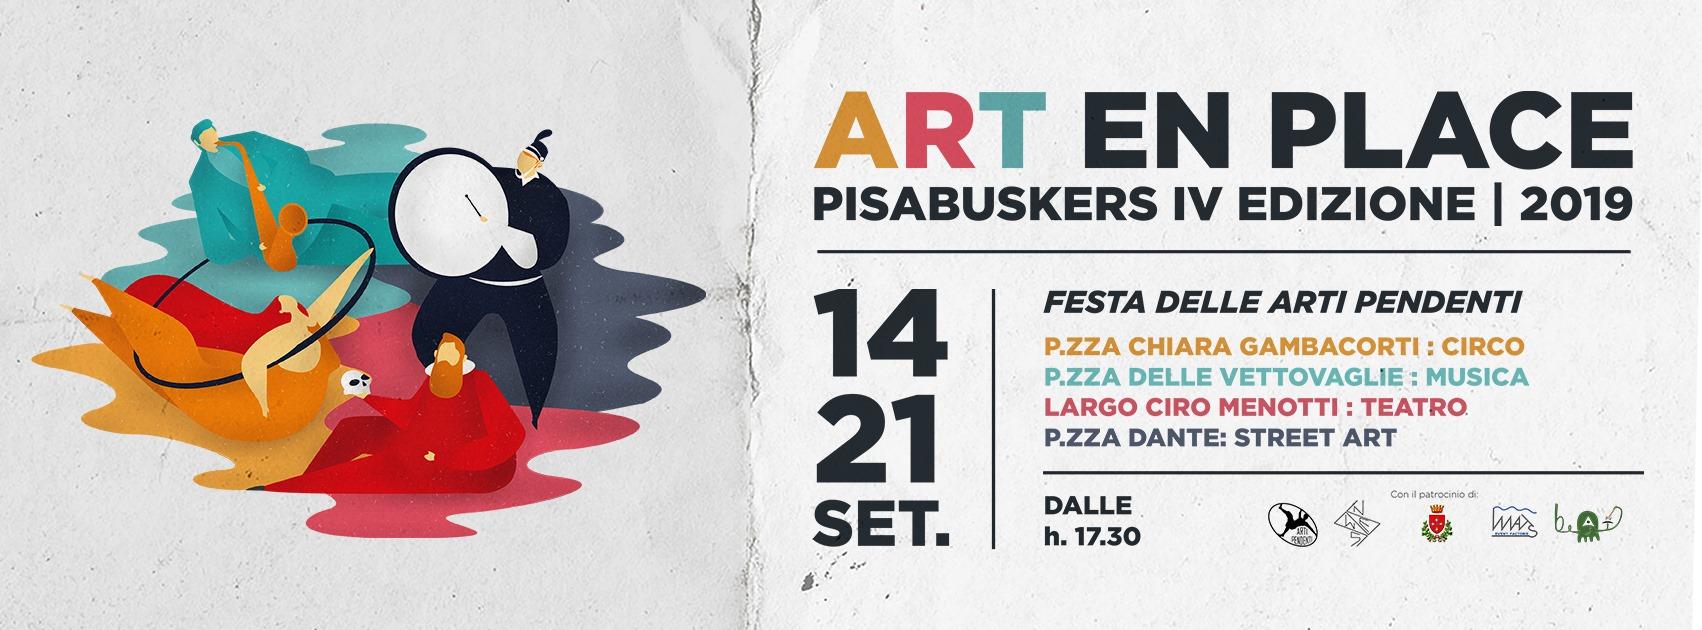 Pisa Busker 2019